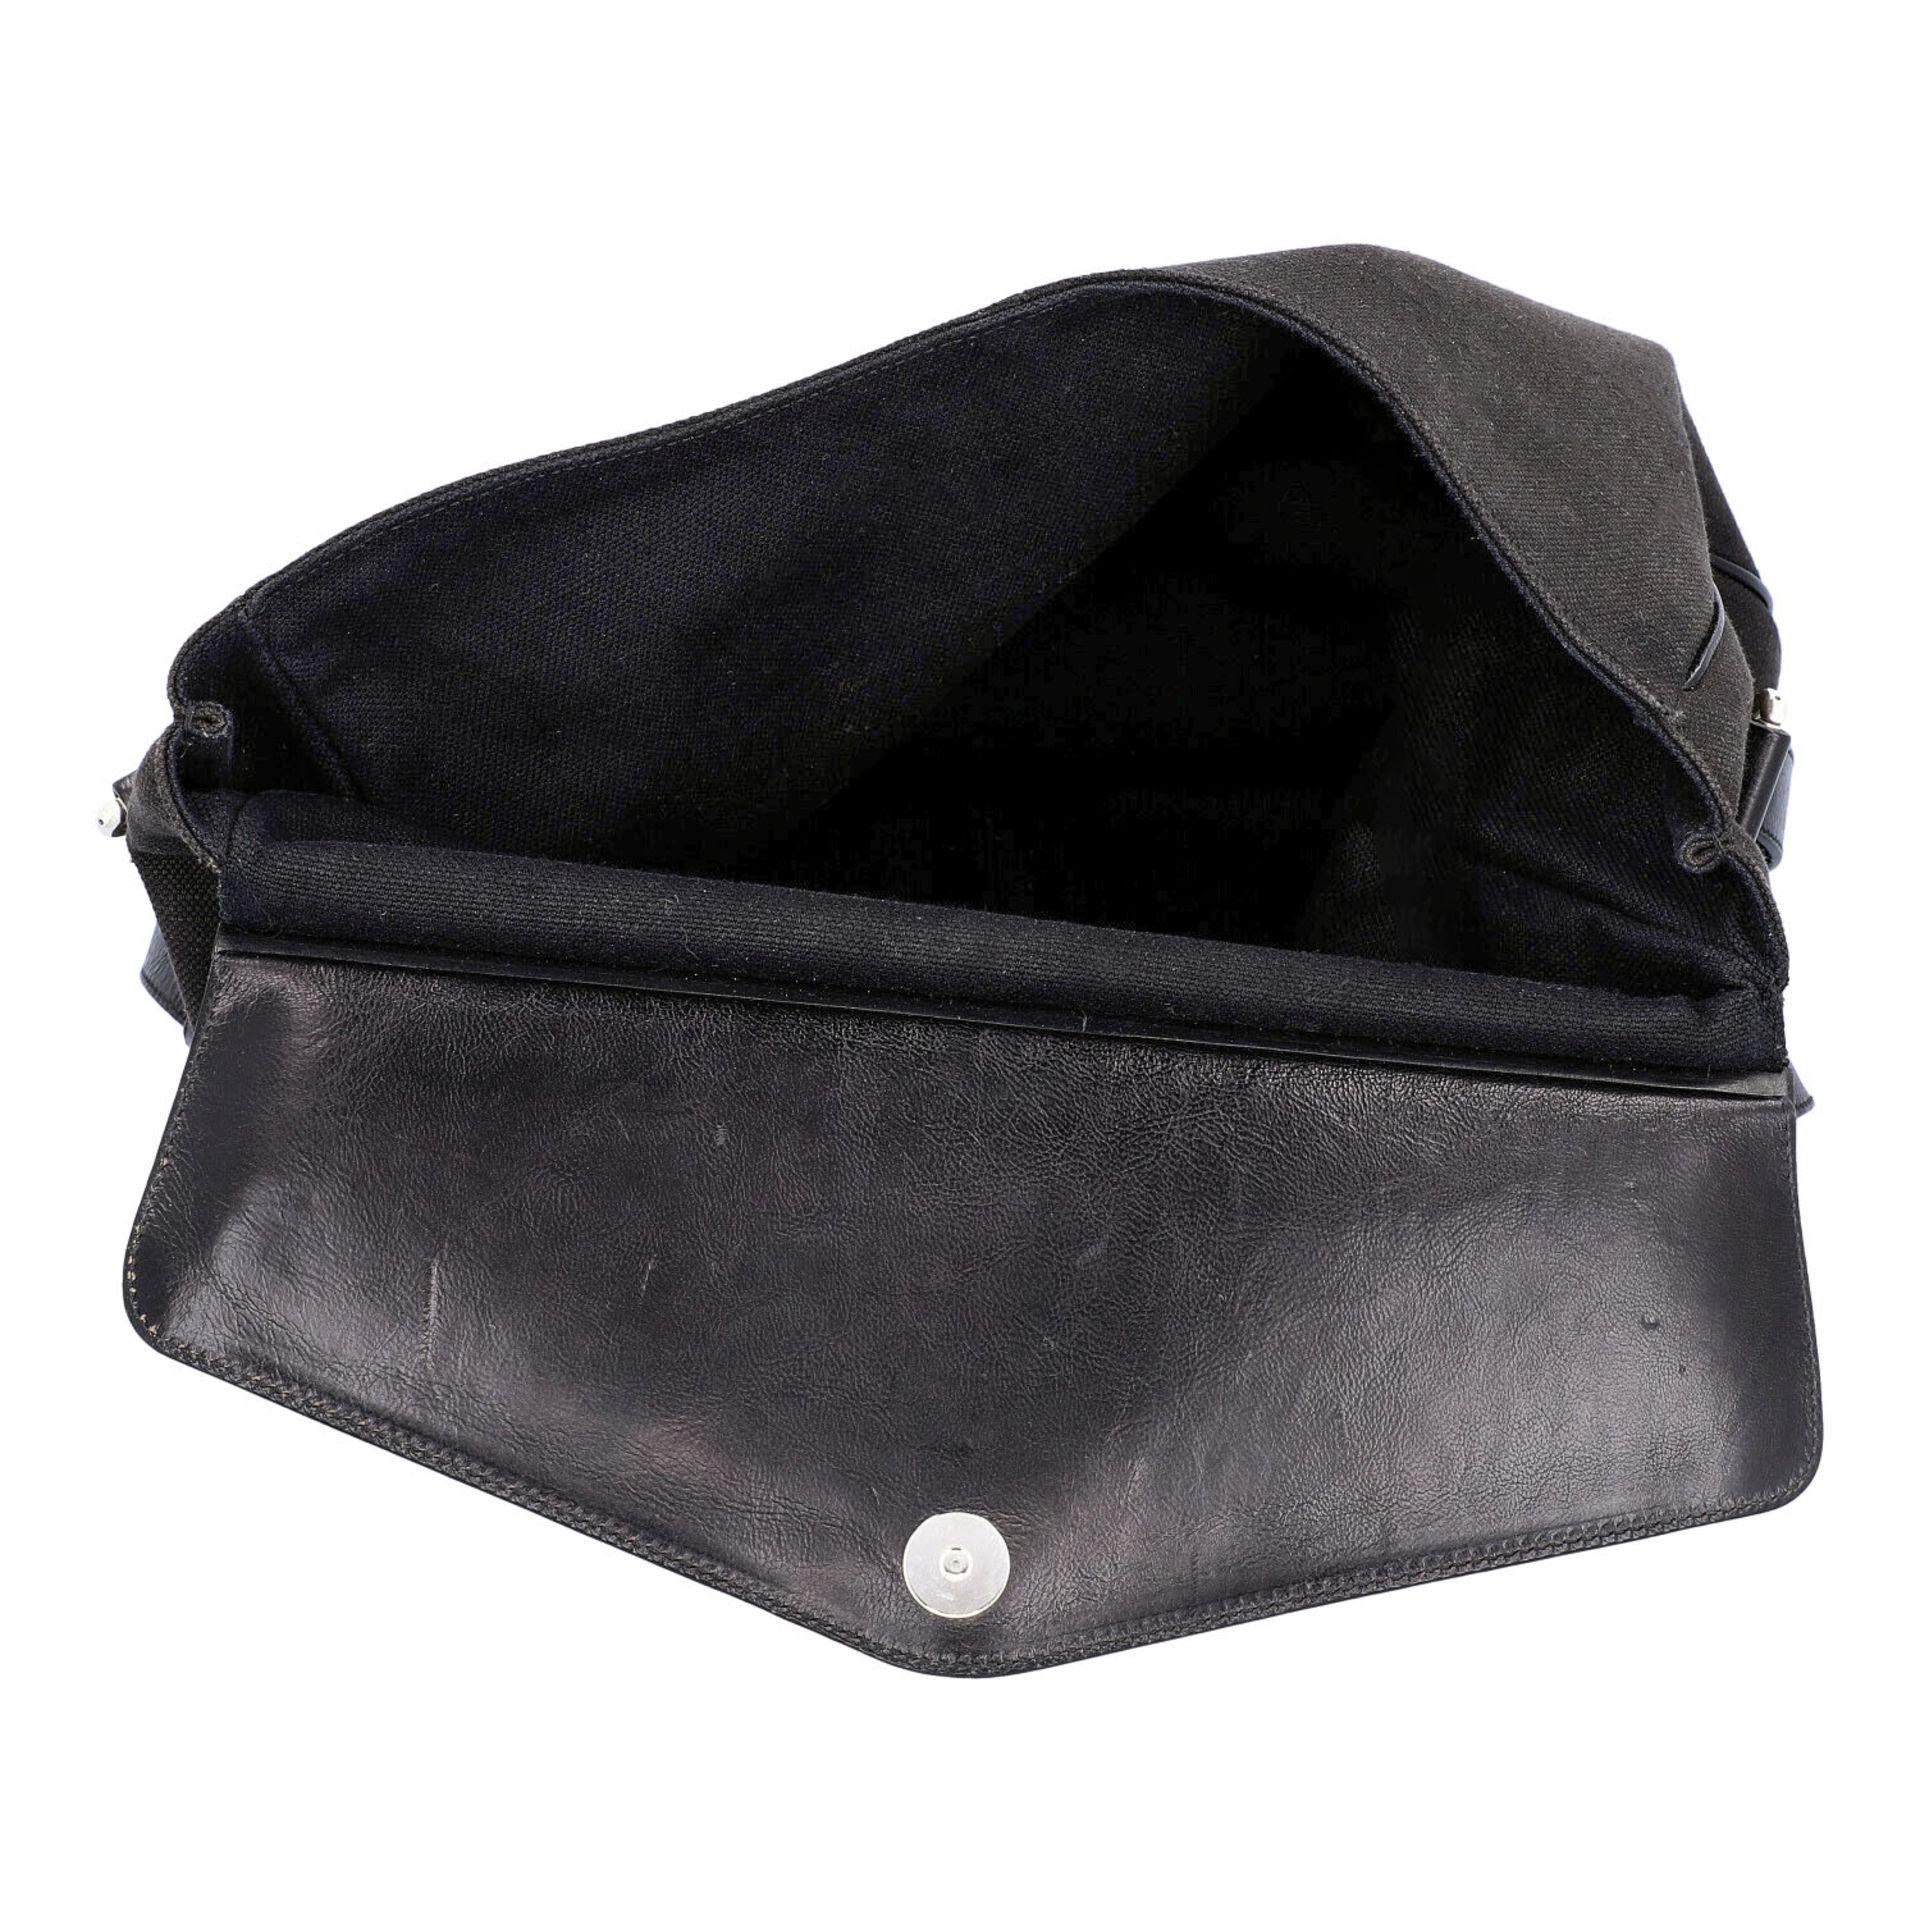 YVES SAINT LAURENT VINTAGE Handtasche. Schwarzes Modell aus Textil mit schwarzem Über - Image 6 of 8